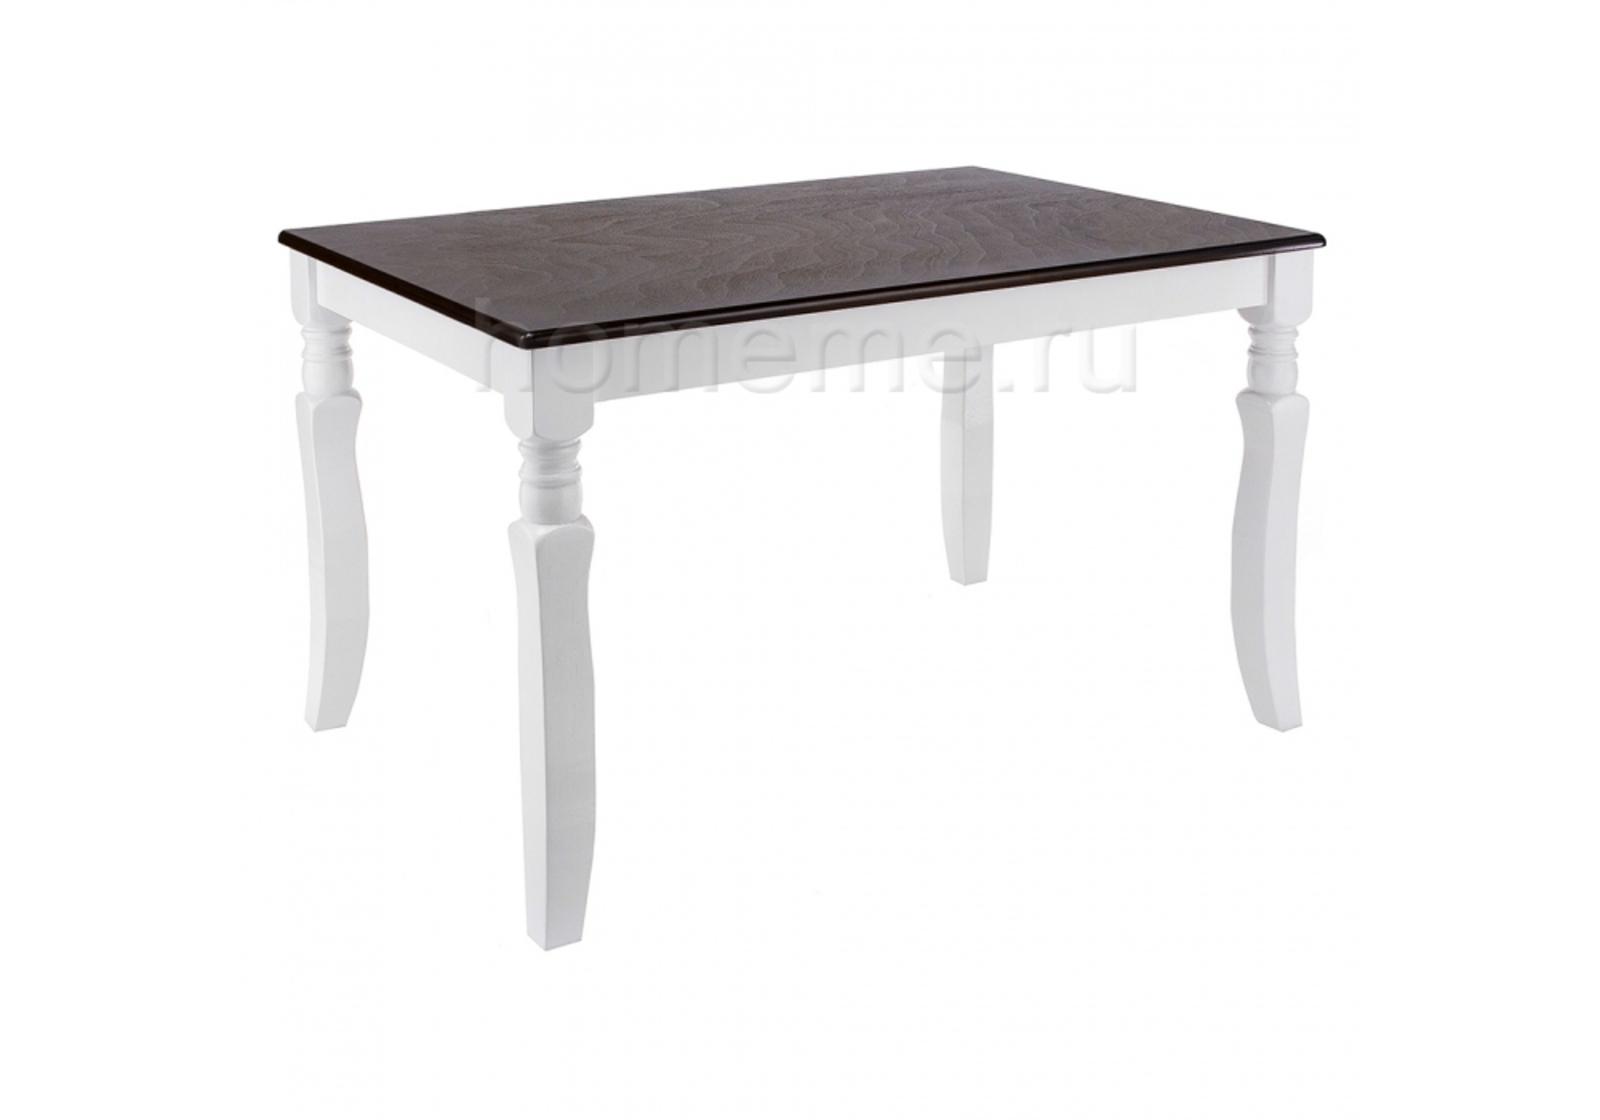 Стол деревянный Provance white / oak 1967 Provance white / oak 1967 (14001)